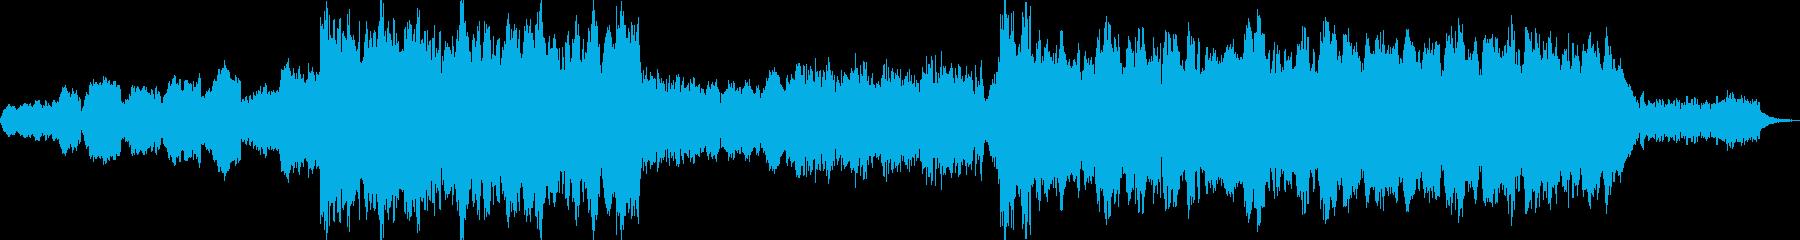 オーケストラバラードの再生済みの波形